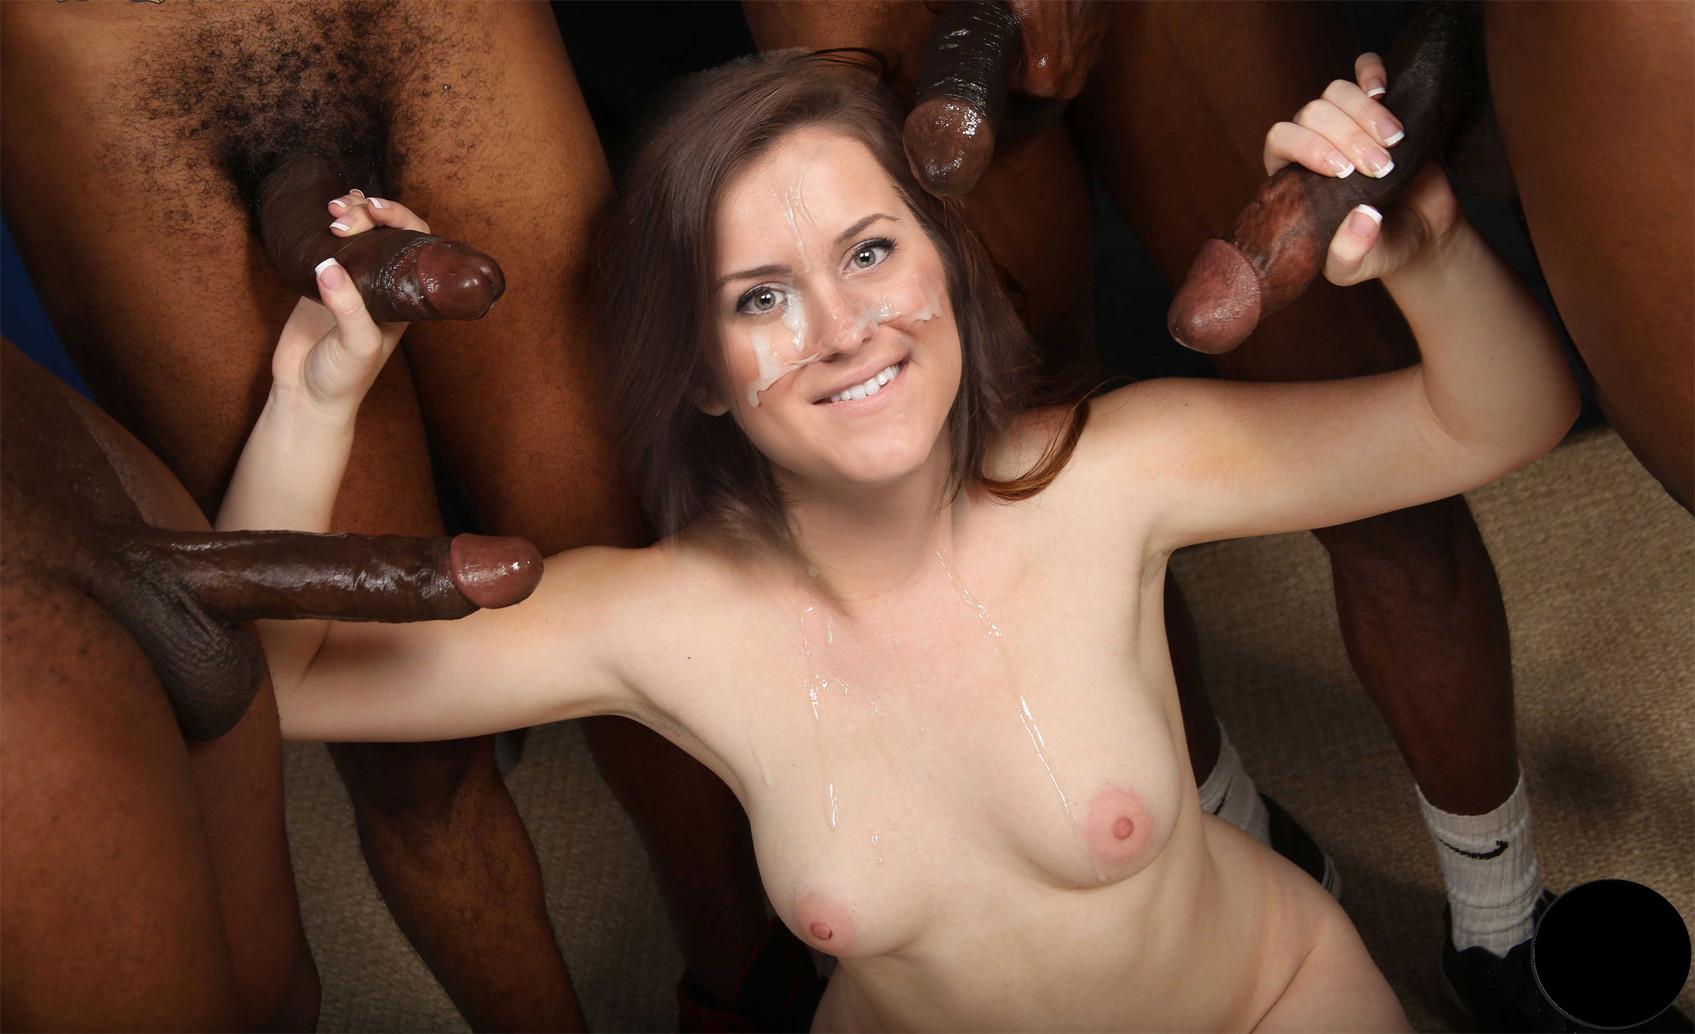 erotic milf porn for inviting erotic milf